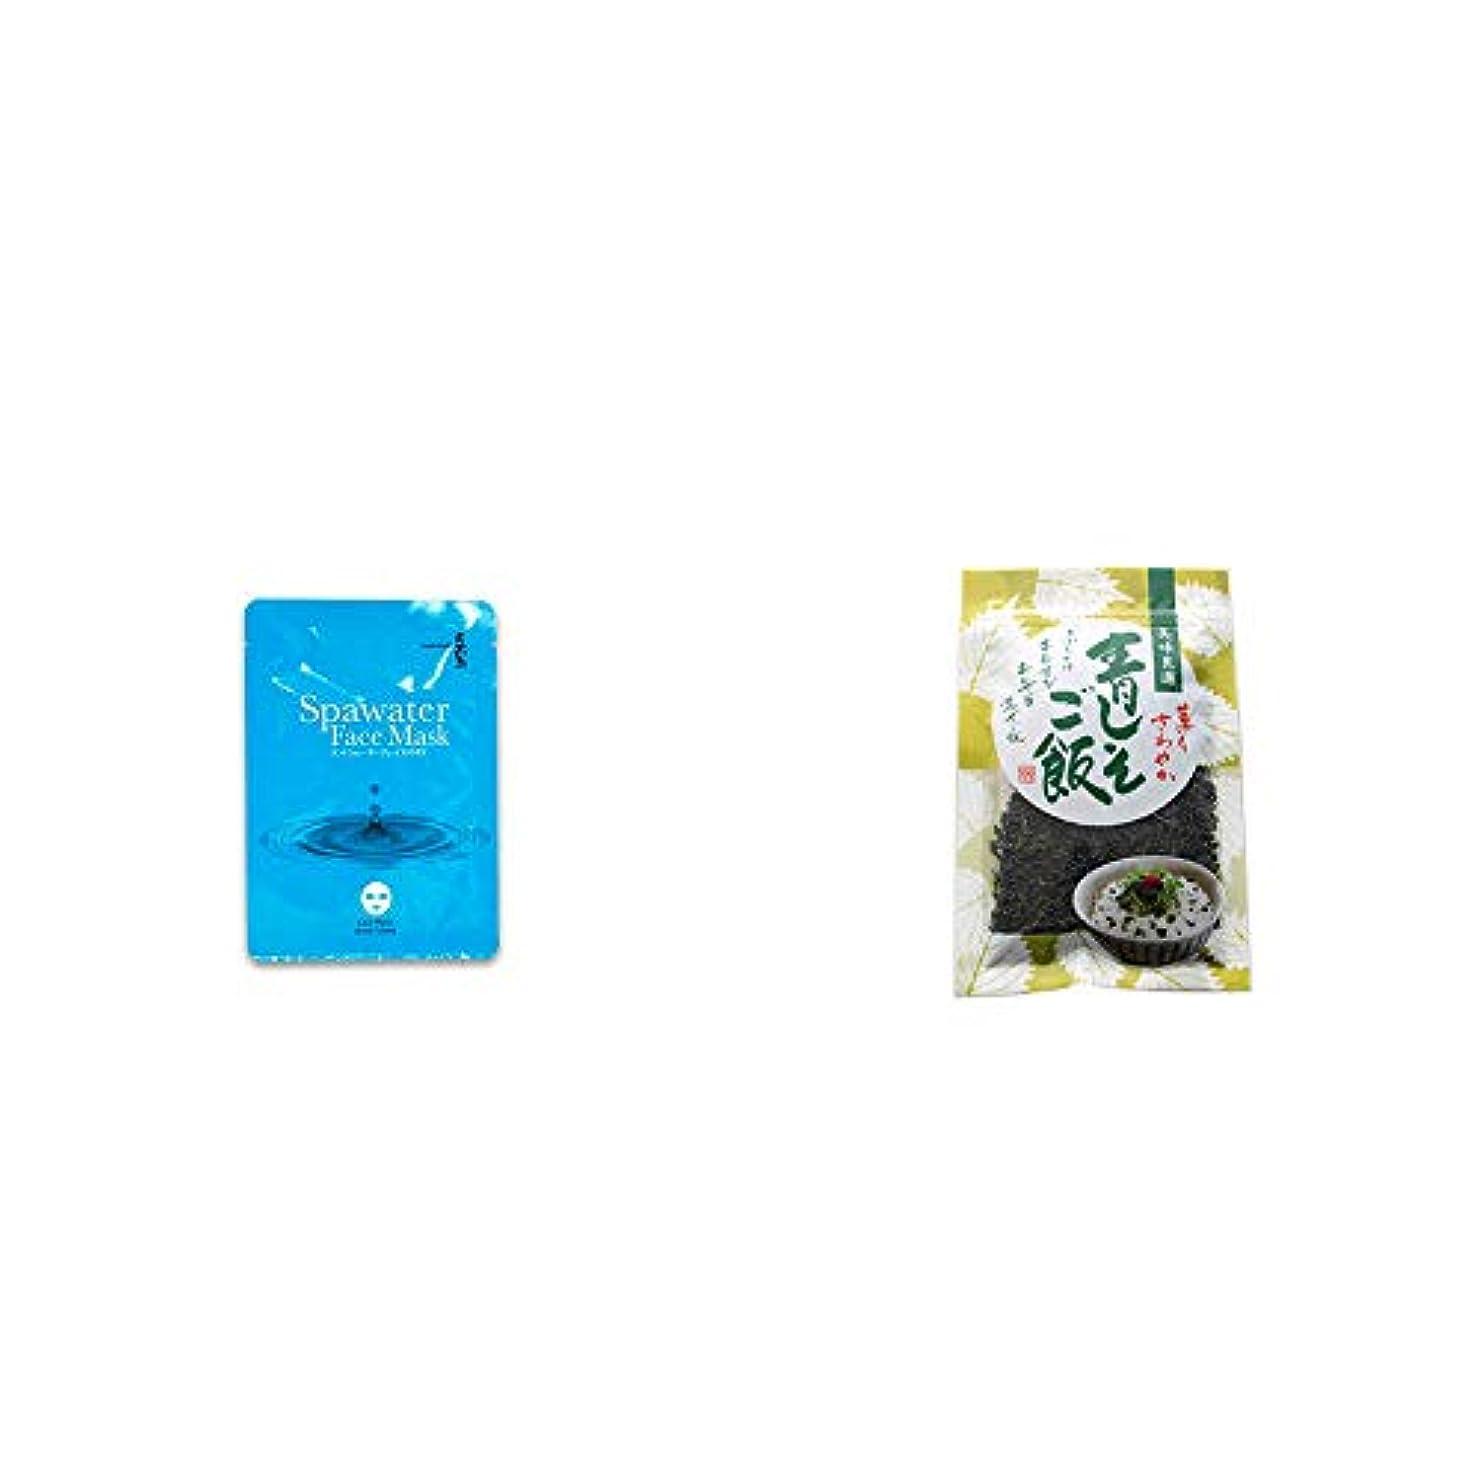 謝罪する安全でない権限を与える[2点セット] ひのき炭黒泉 スパウォーターフェイスマスク(18ml×3枚入)・薫りさわやか 青しそご飯(80g)